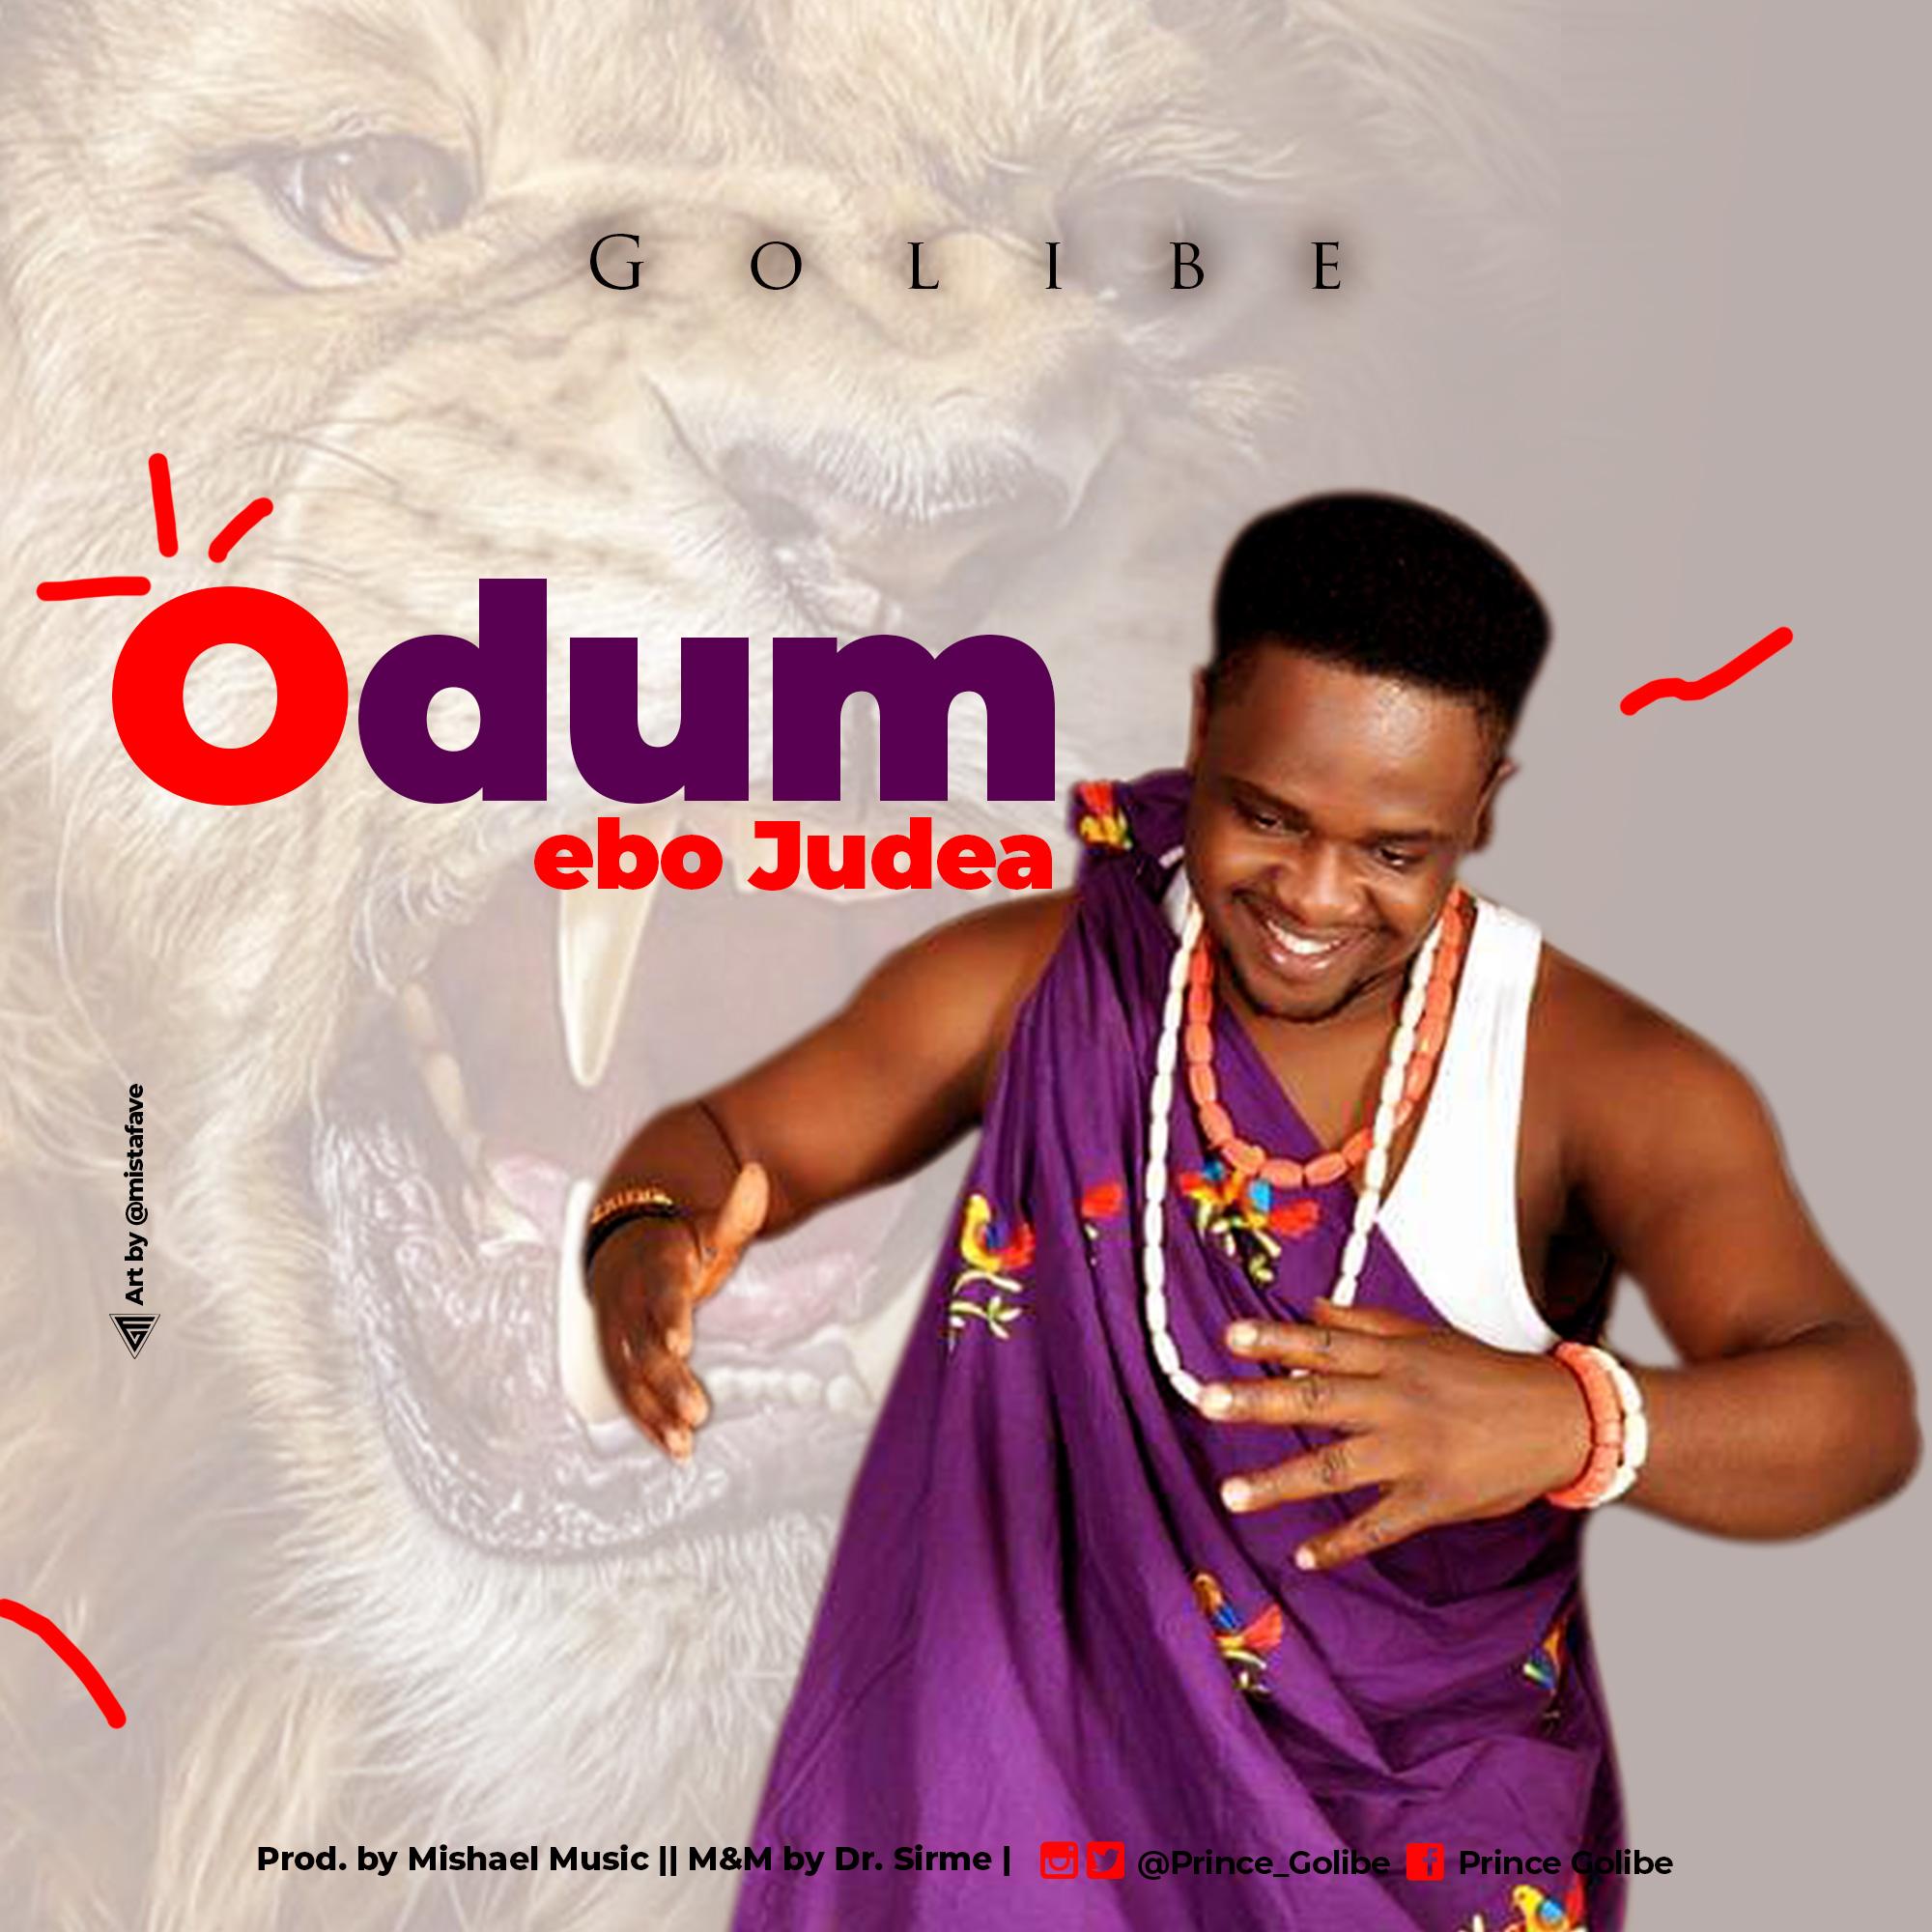 DOWNLOAD MP3: Golibe - Odum Ebo Judea